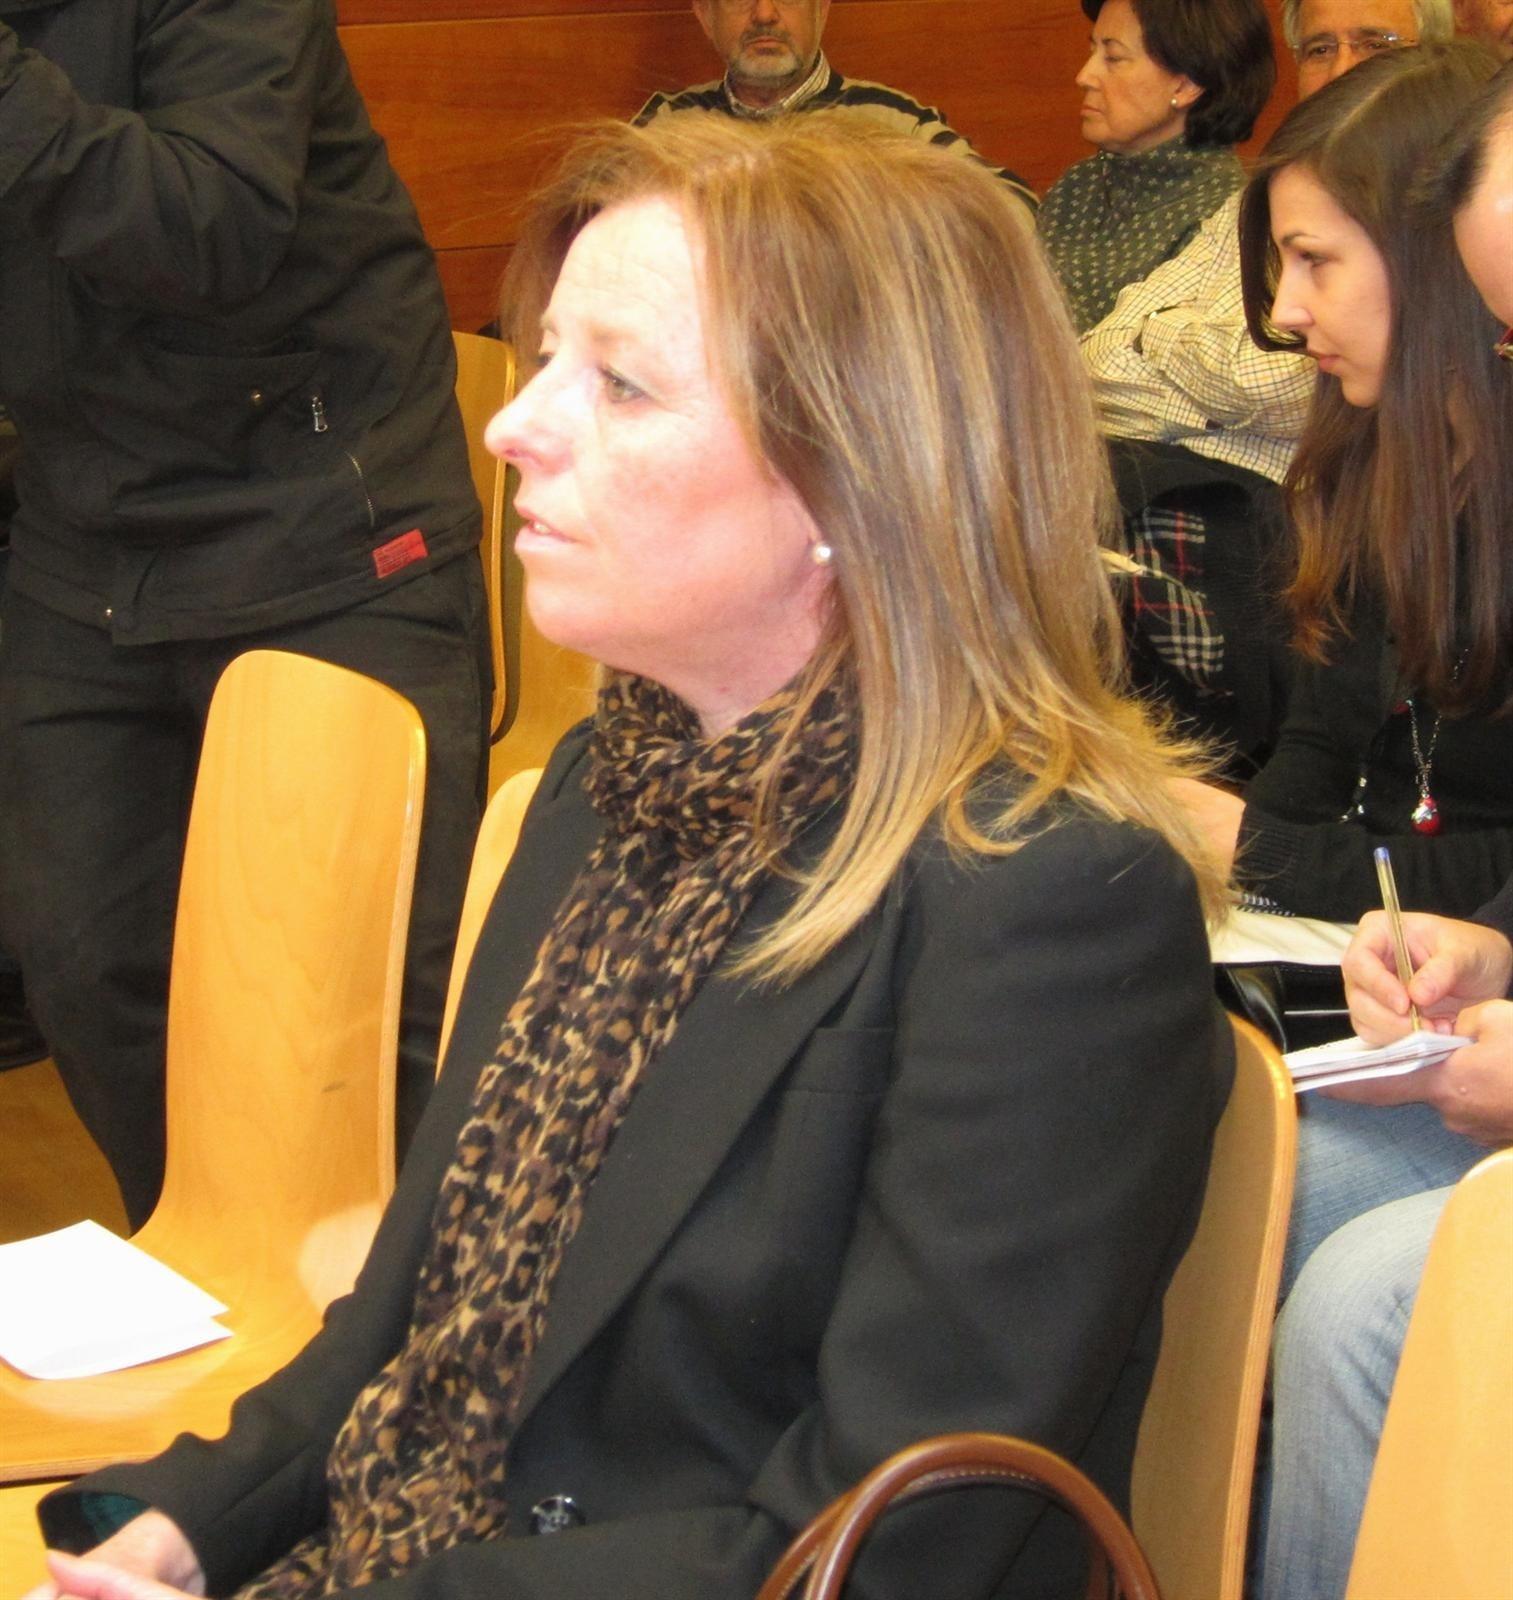 El Supremo rechaza recurso de Amorós contra la sentencia que ratificó la procedencia de su despido de la CAM